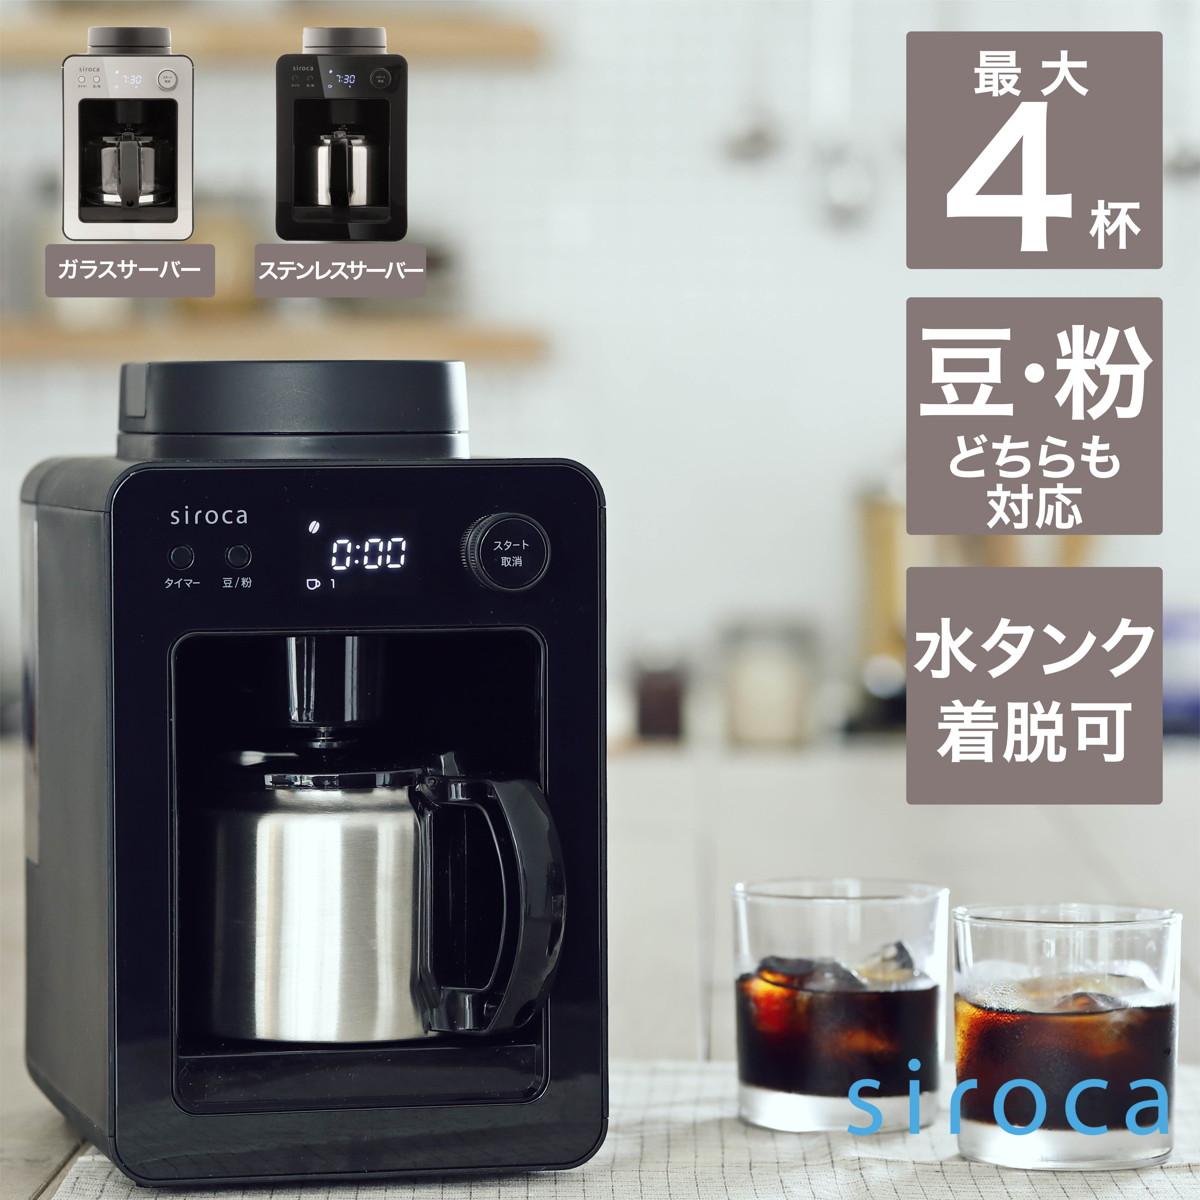 シロカ siroca 全自動コーヒーメーカー K 誕生日プレゼント 激安価格と即納で通信販売 ブラック SC-A371